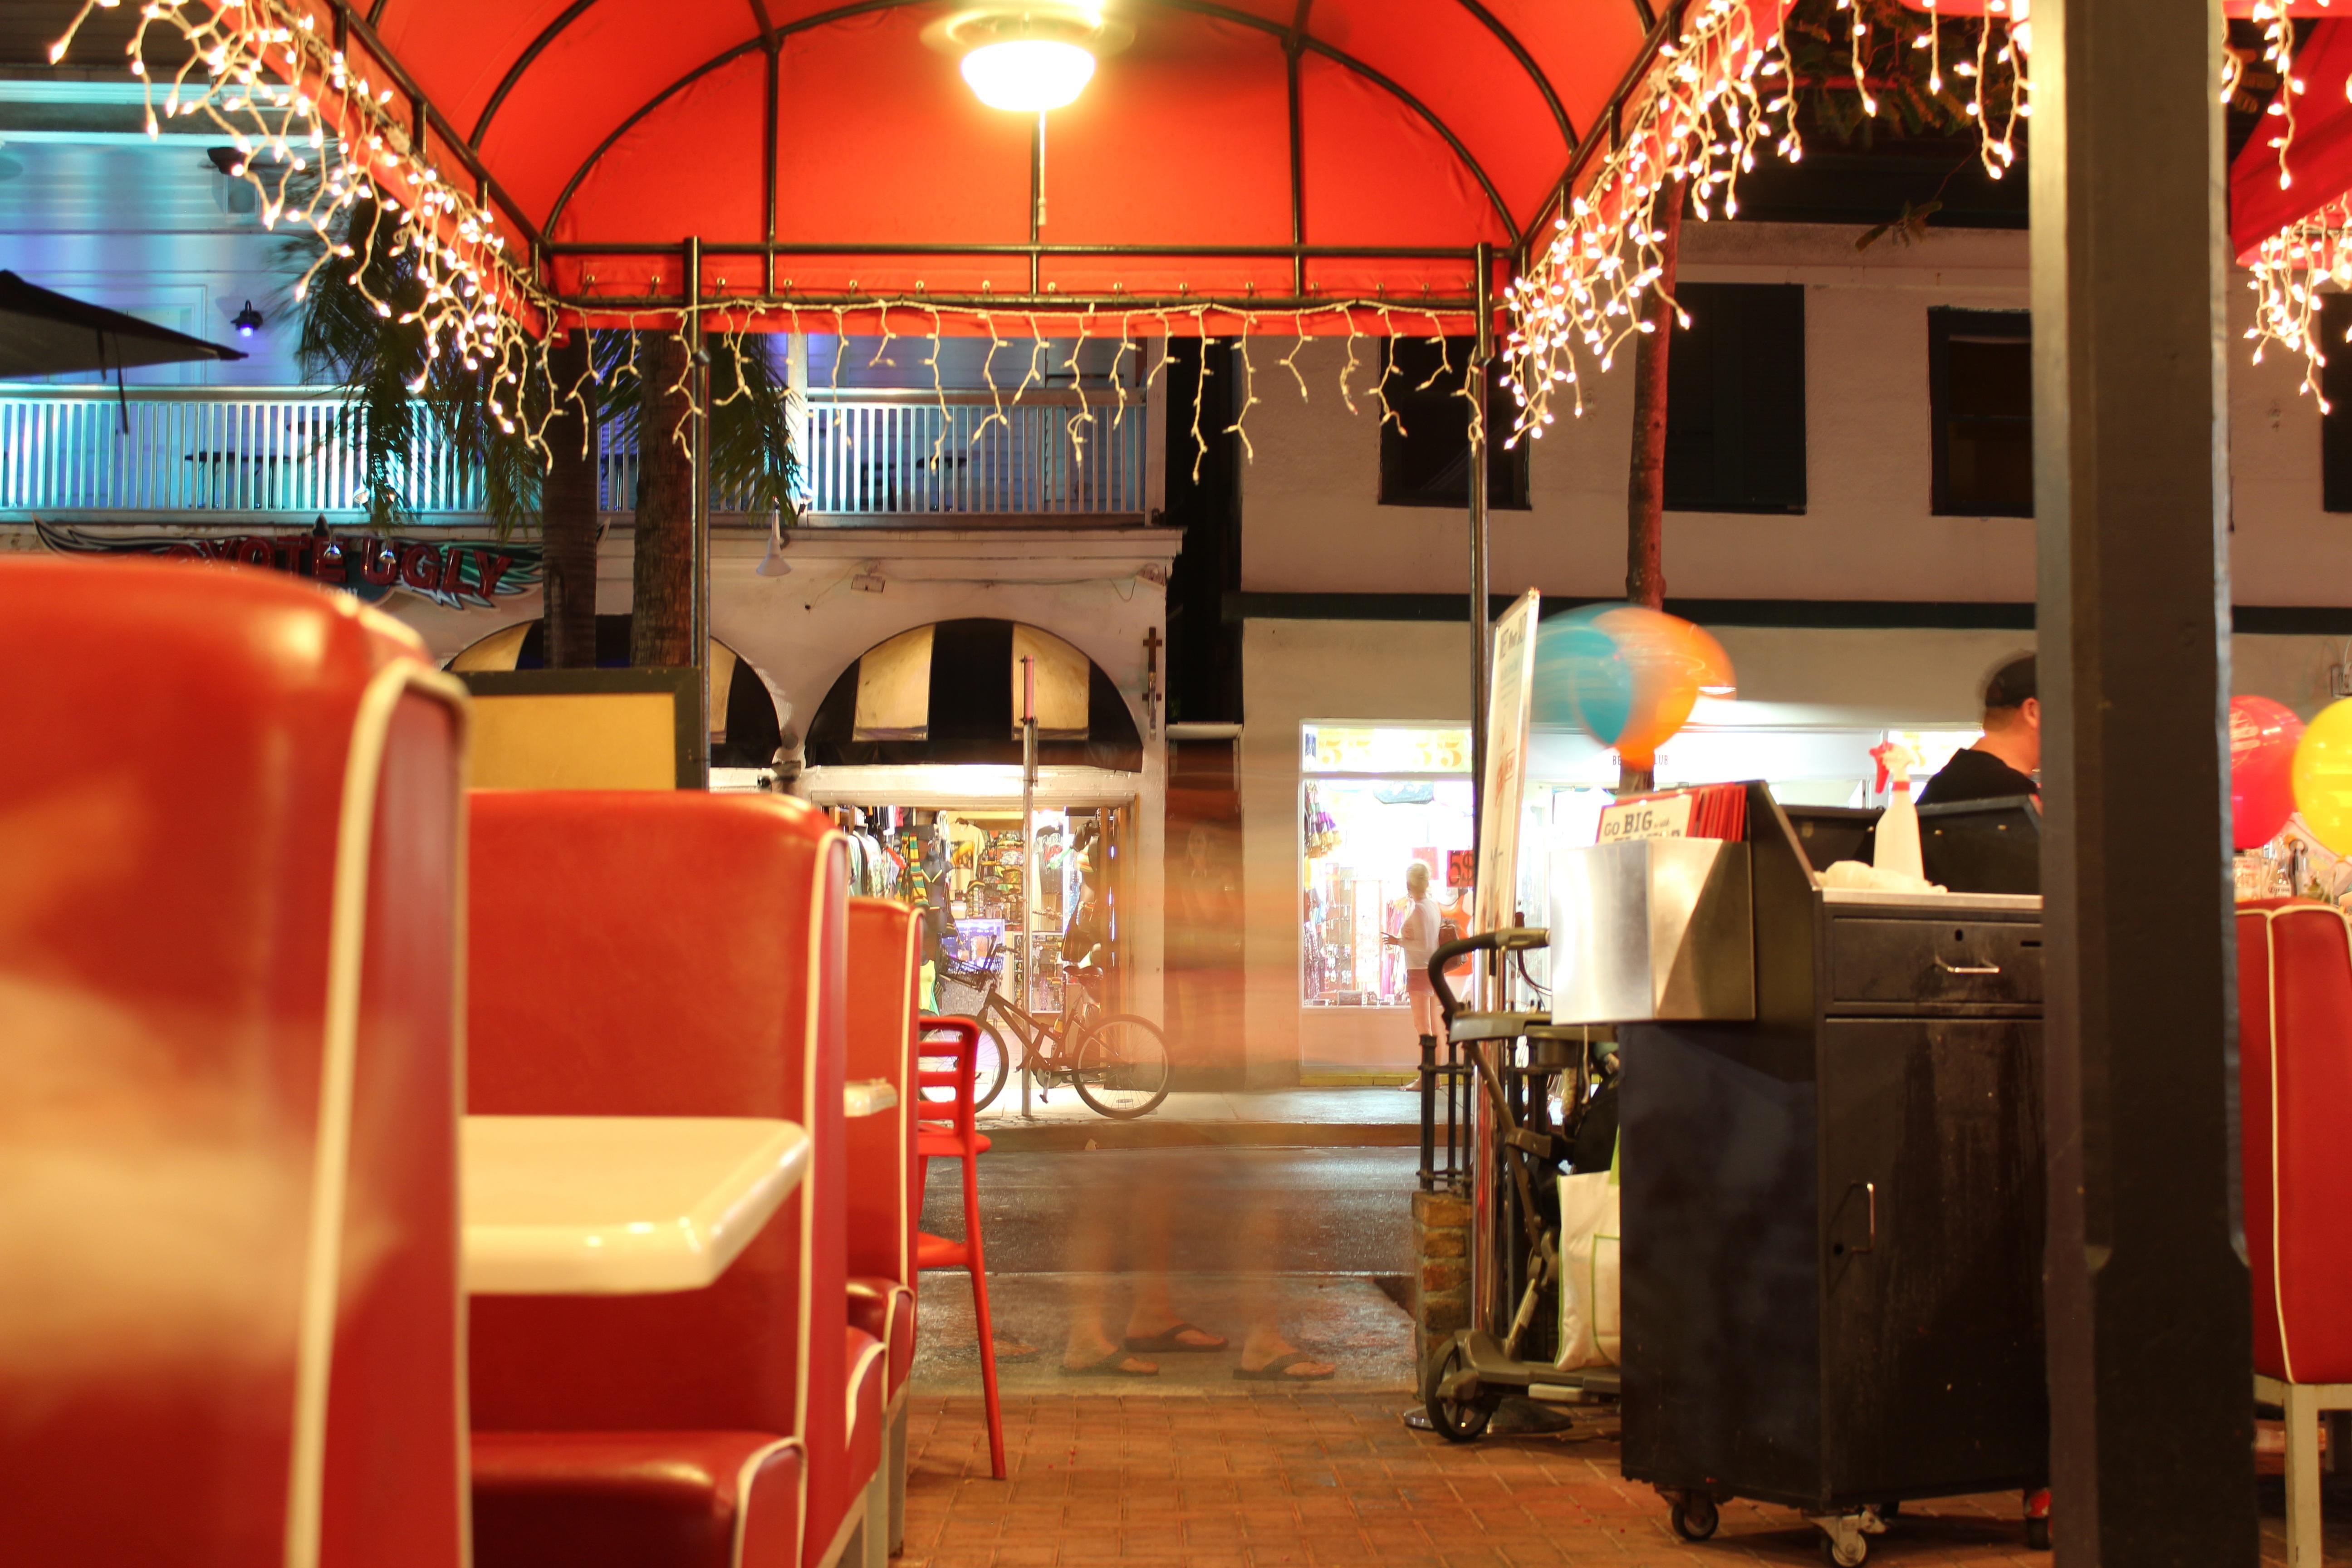 Fotos gratis restaurante bar comida rojo dise o de for Diseno interiores gratis